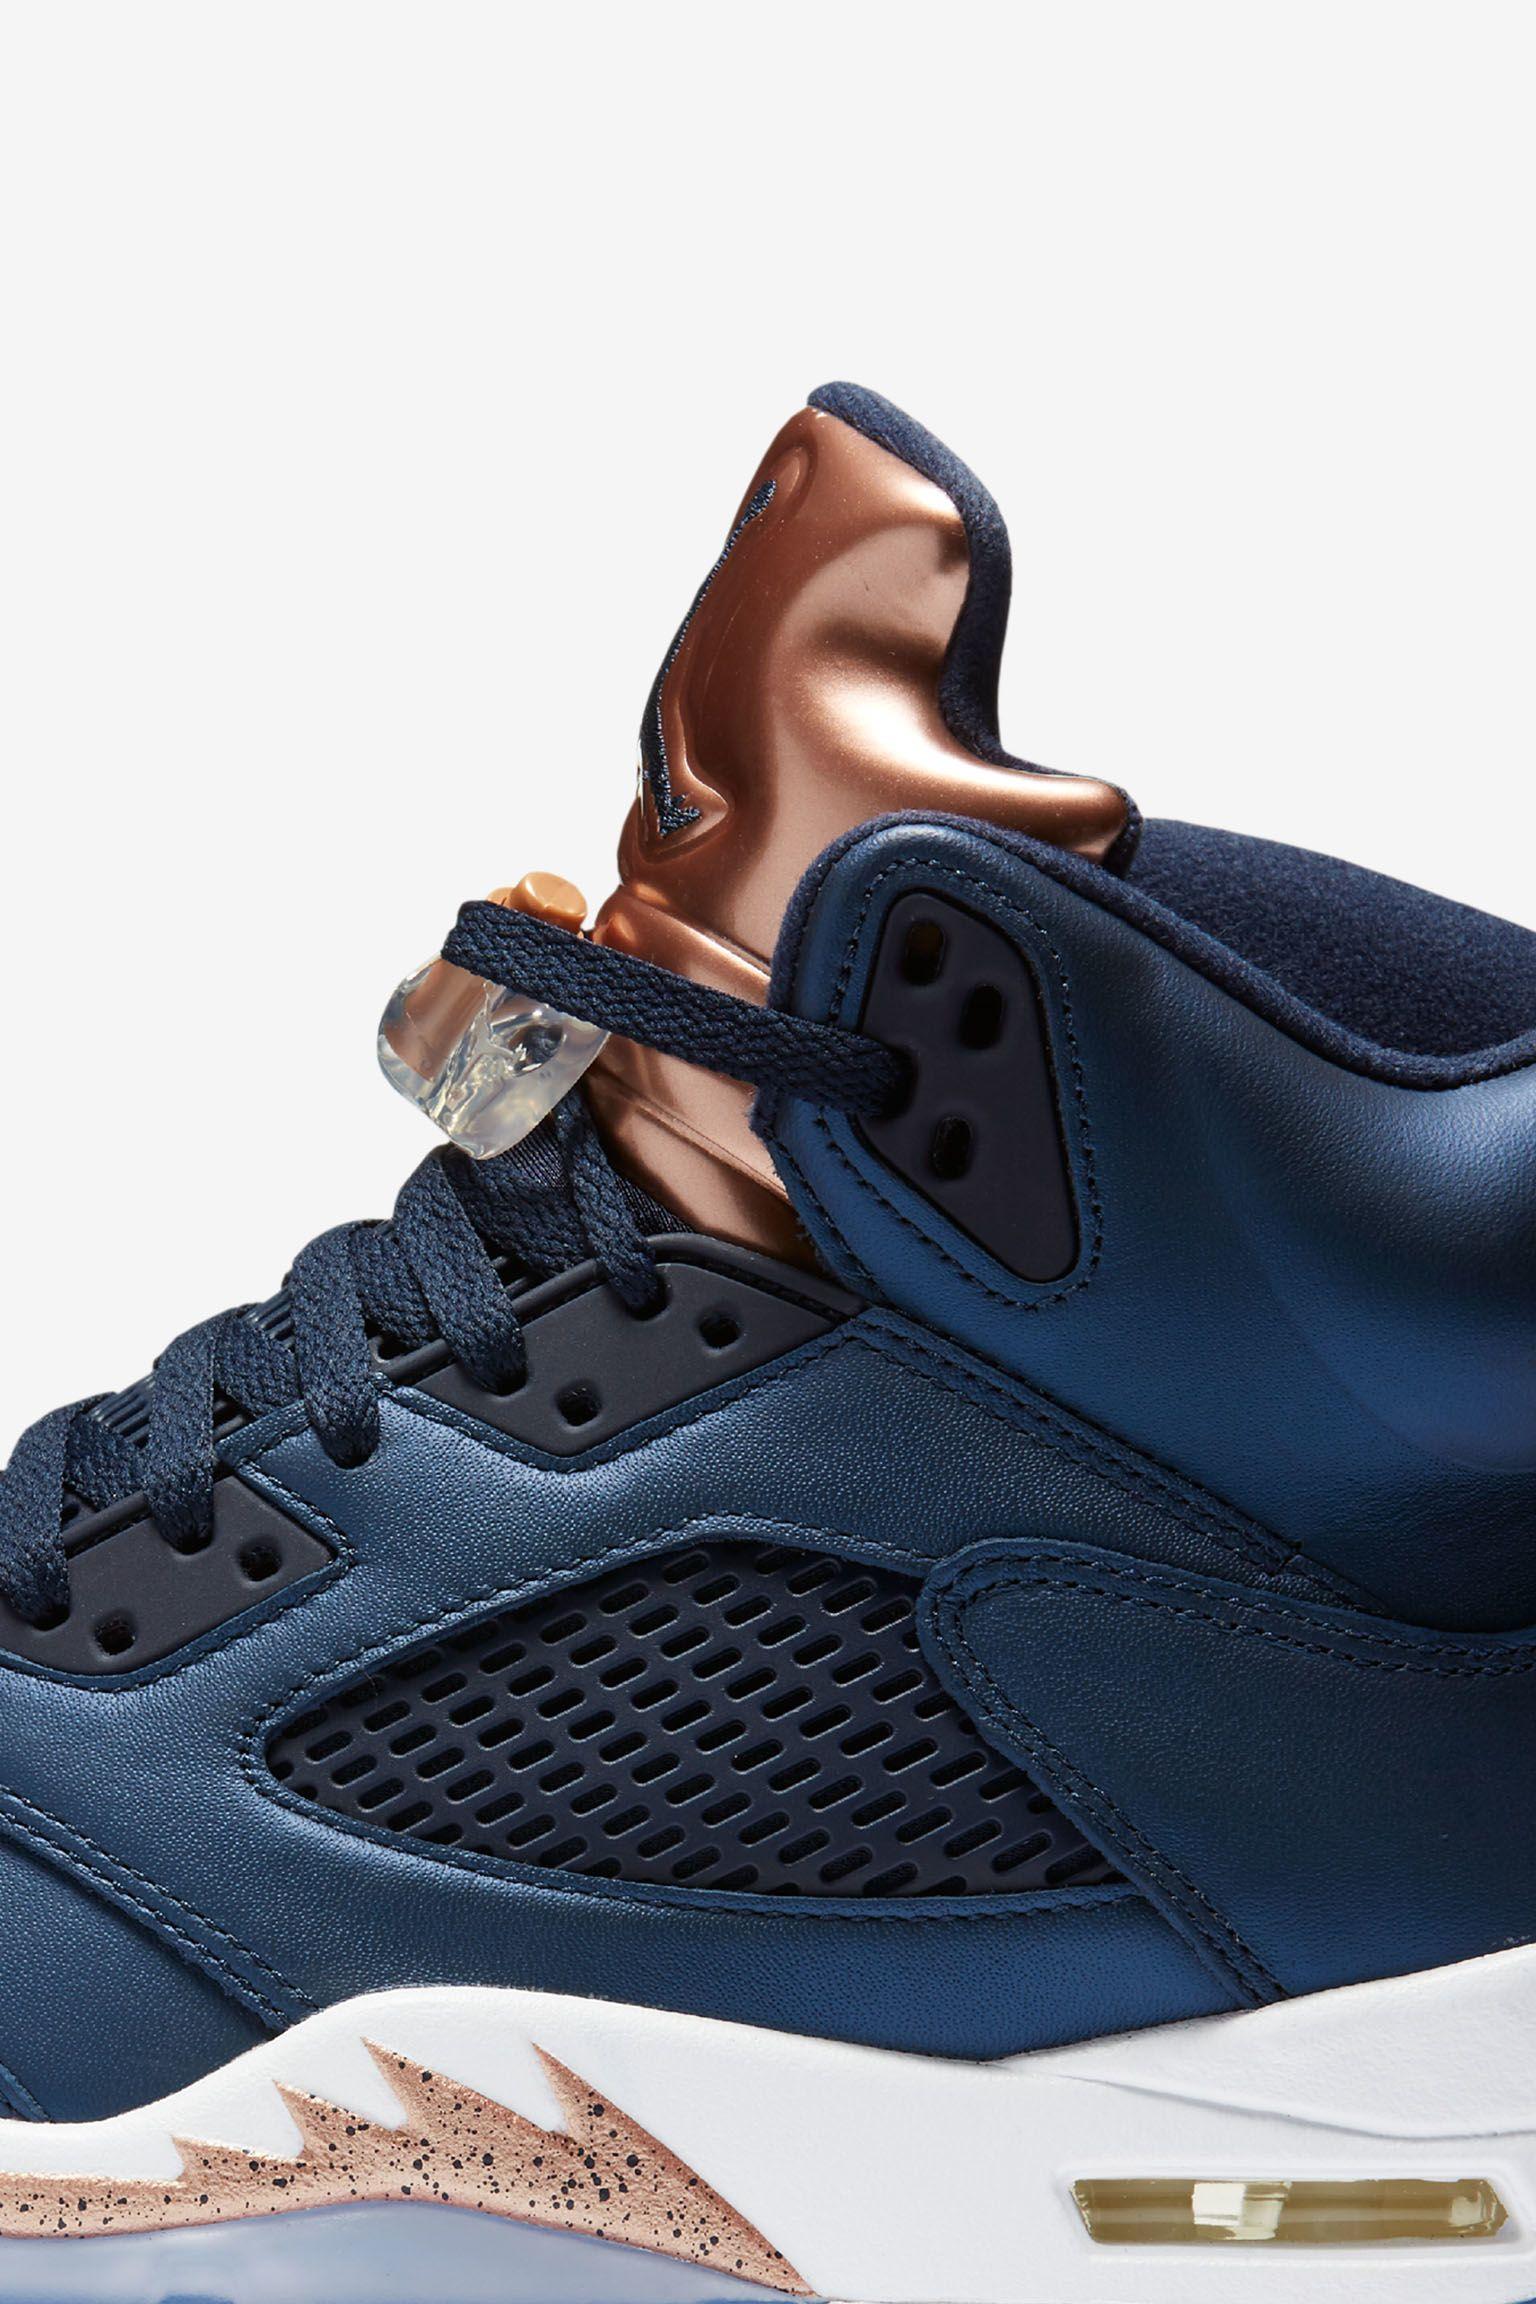 Air Jordan 5 'Bronze' Release Date